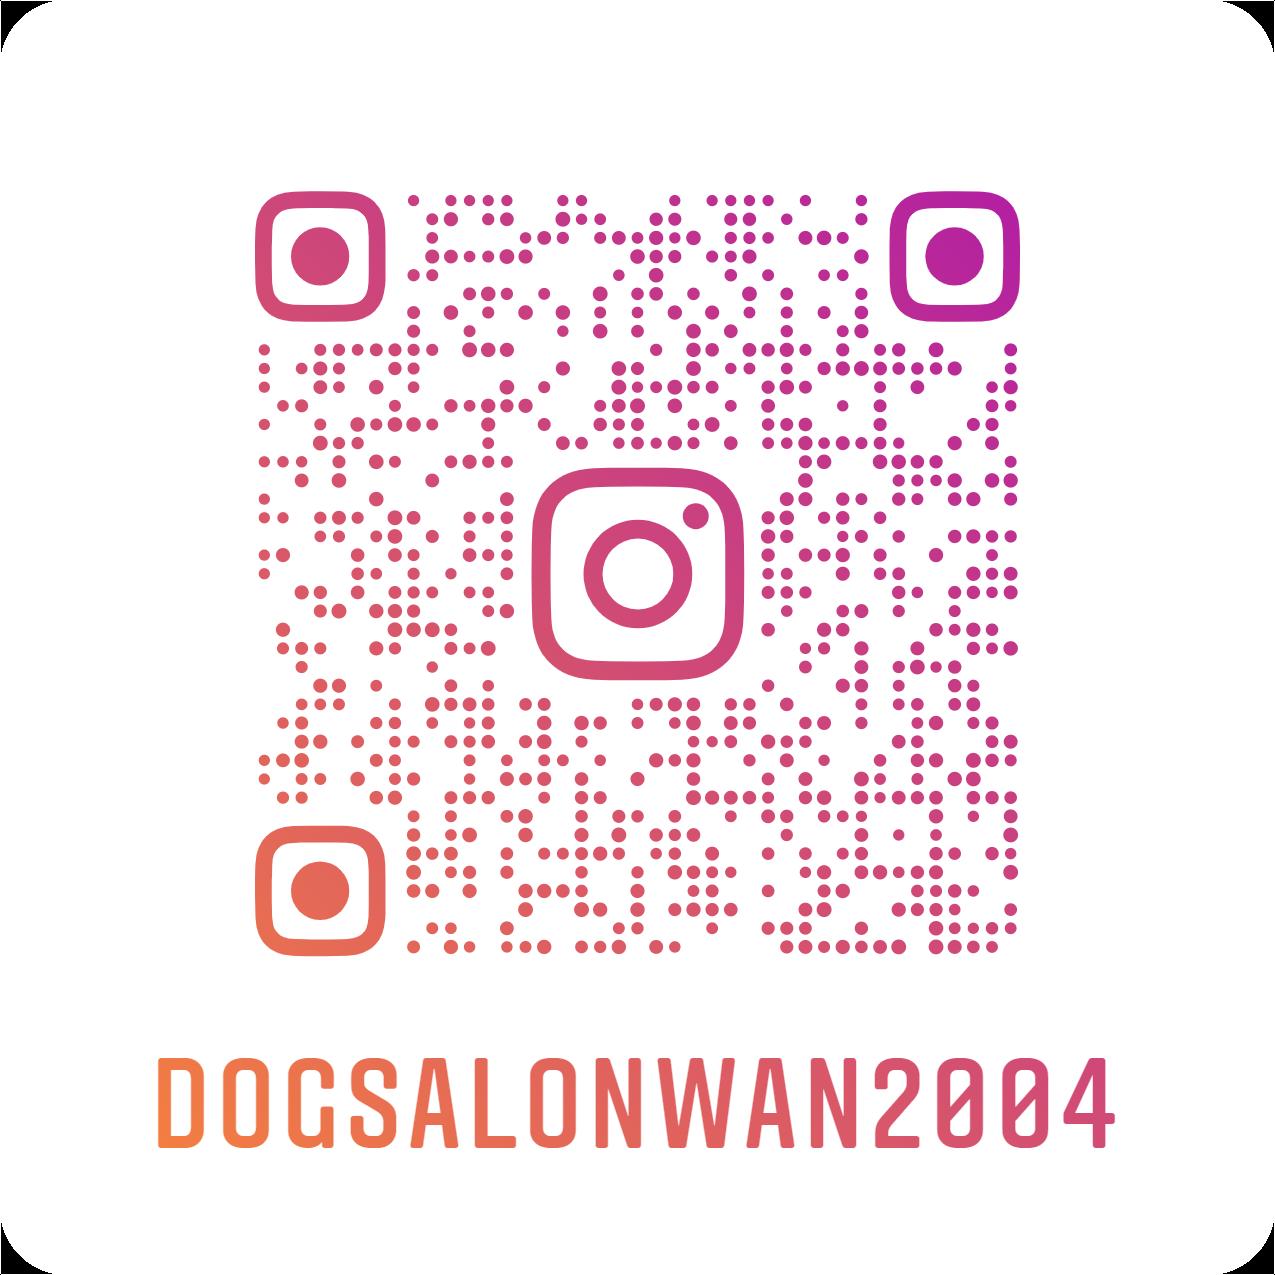 dogsalonwan2004_nametag_202106271605392f7.png